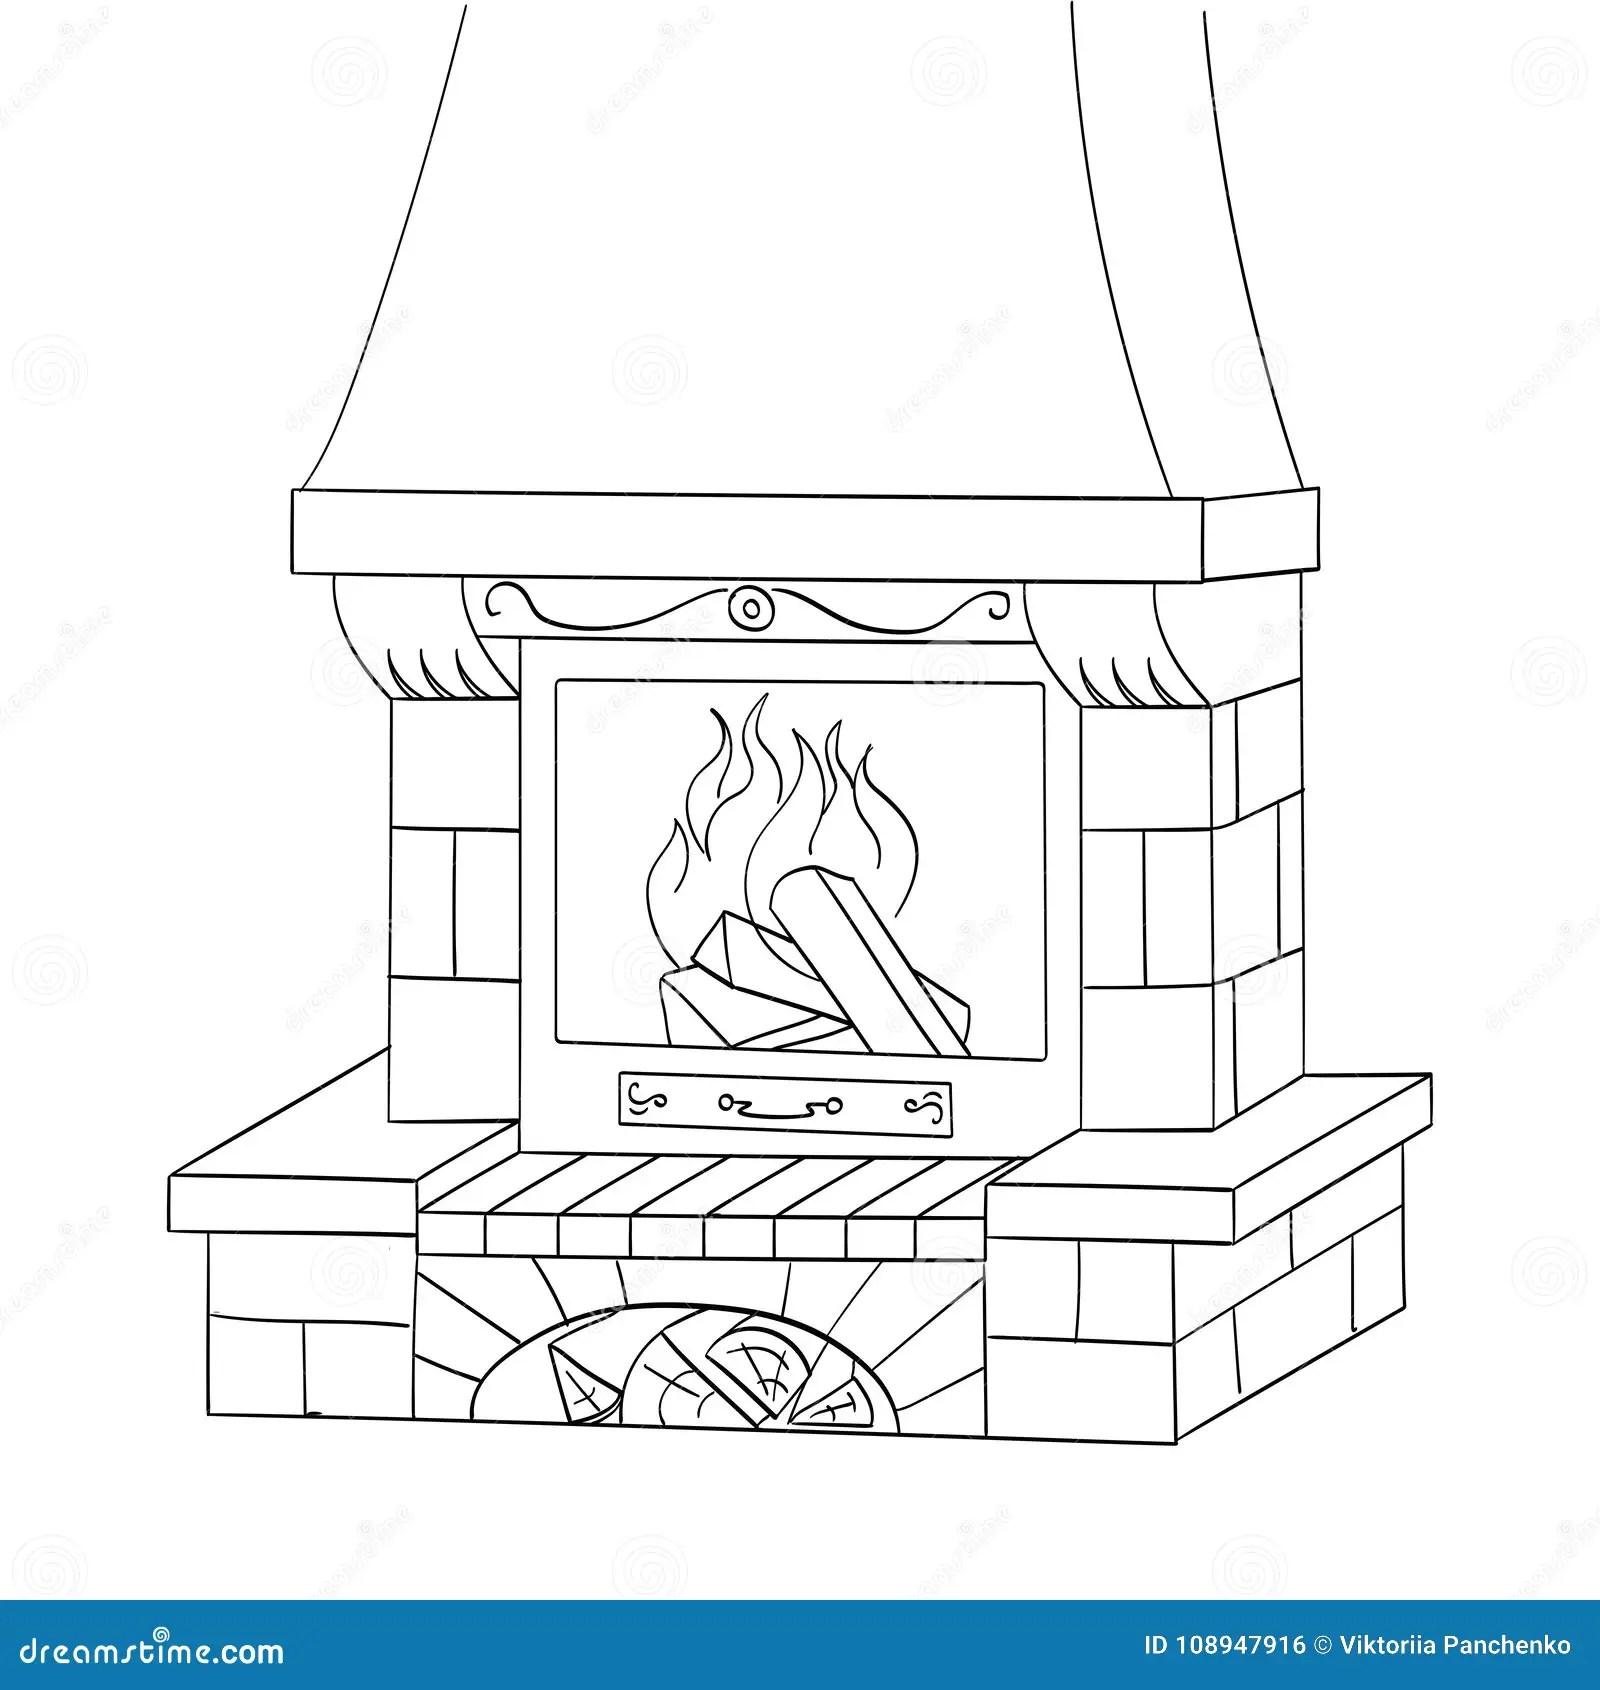 Gegenstandfarbtonvektor Ein Ziegelsteinkamin Brennt Einen